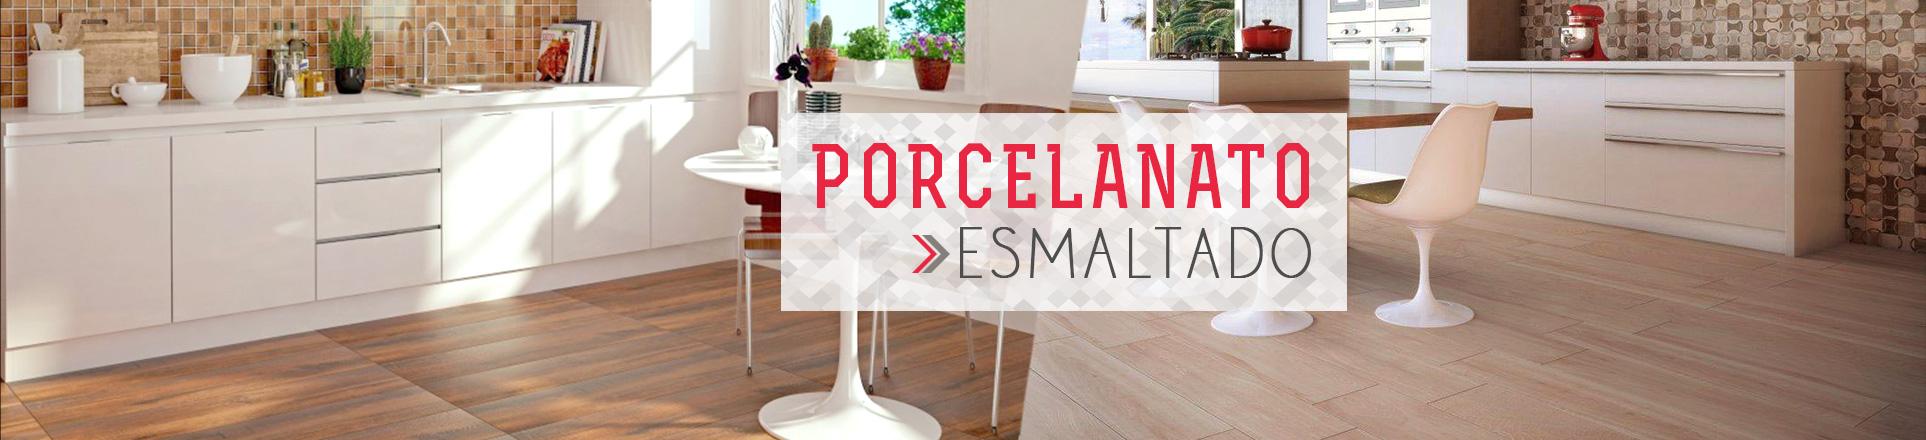 Banner 2 - Porcelanato Esmaltado